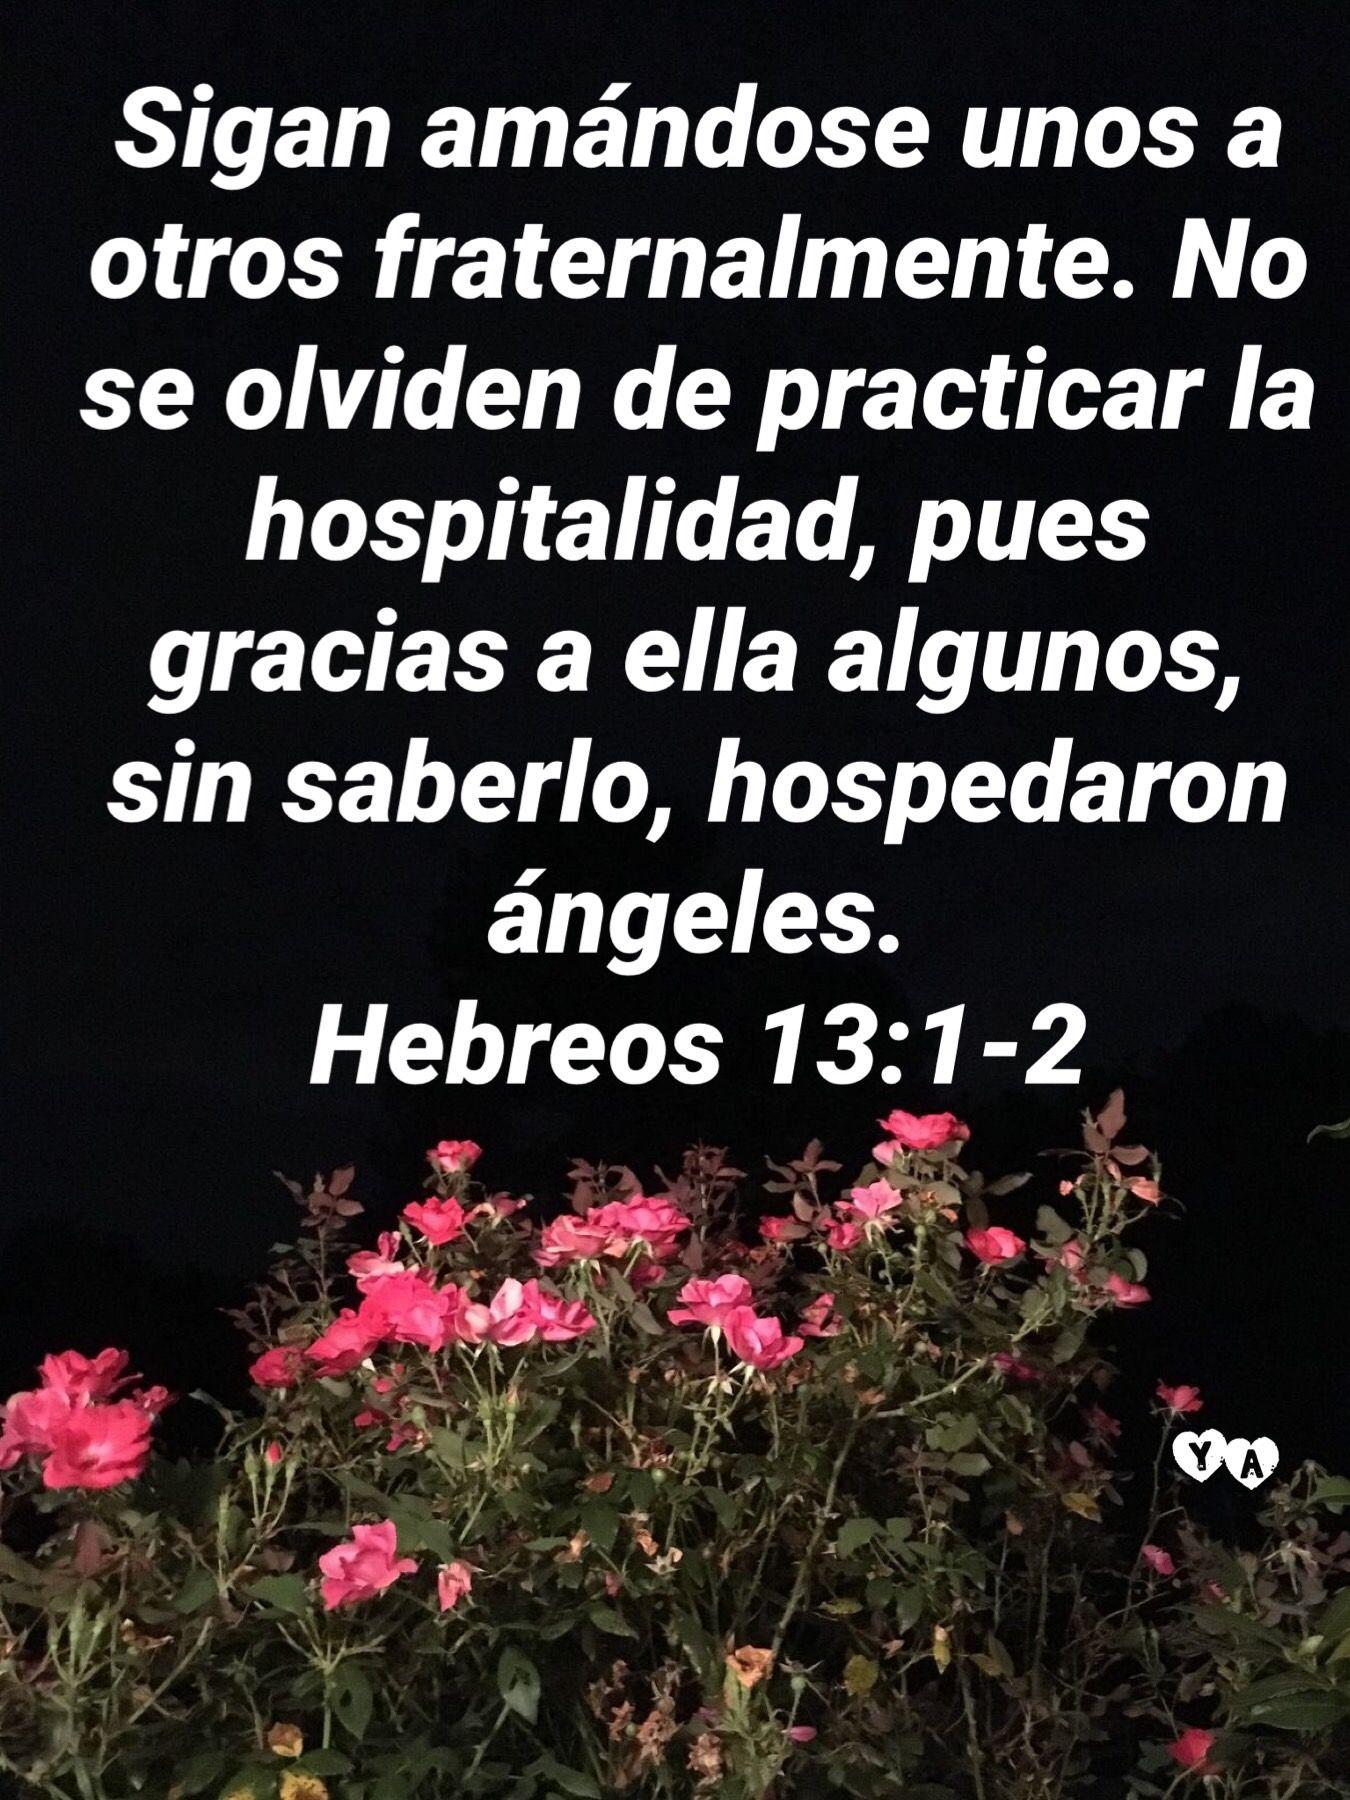 Pin De Vanessa Molina En Tarjetas Cristianas Palabra De Vida El Amor Biblia Versículos Bíblicos